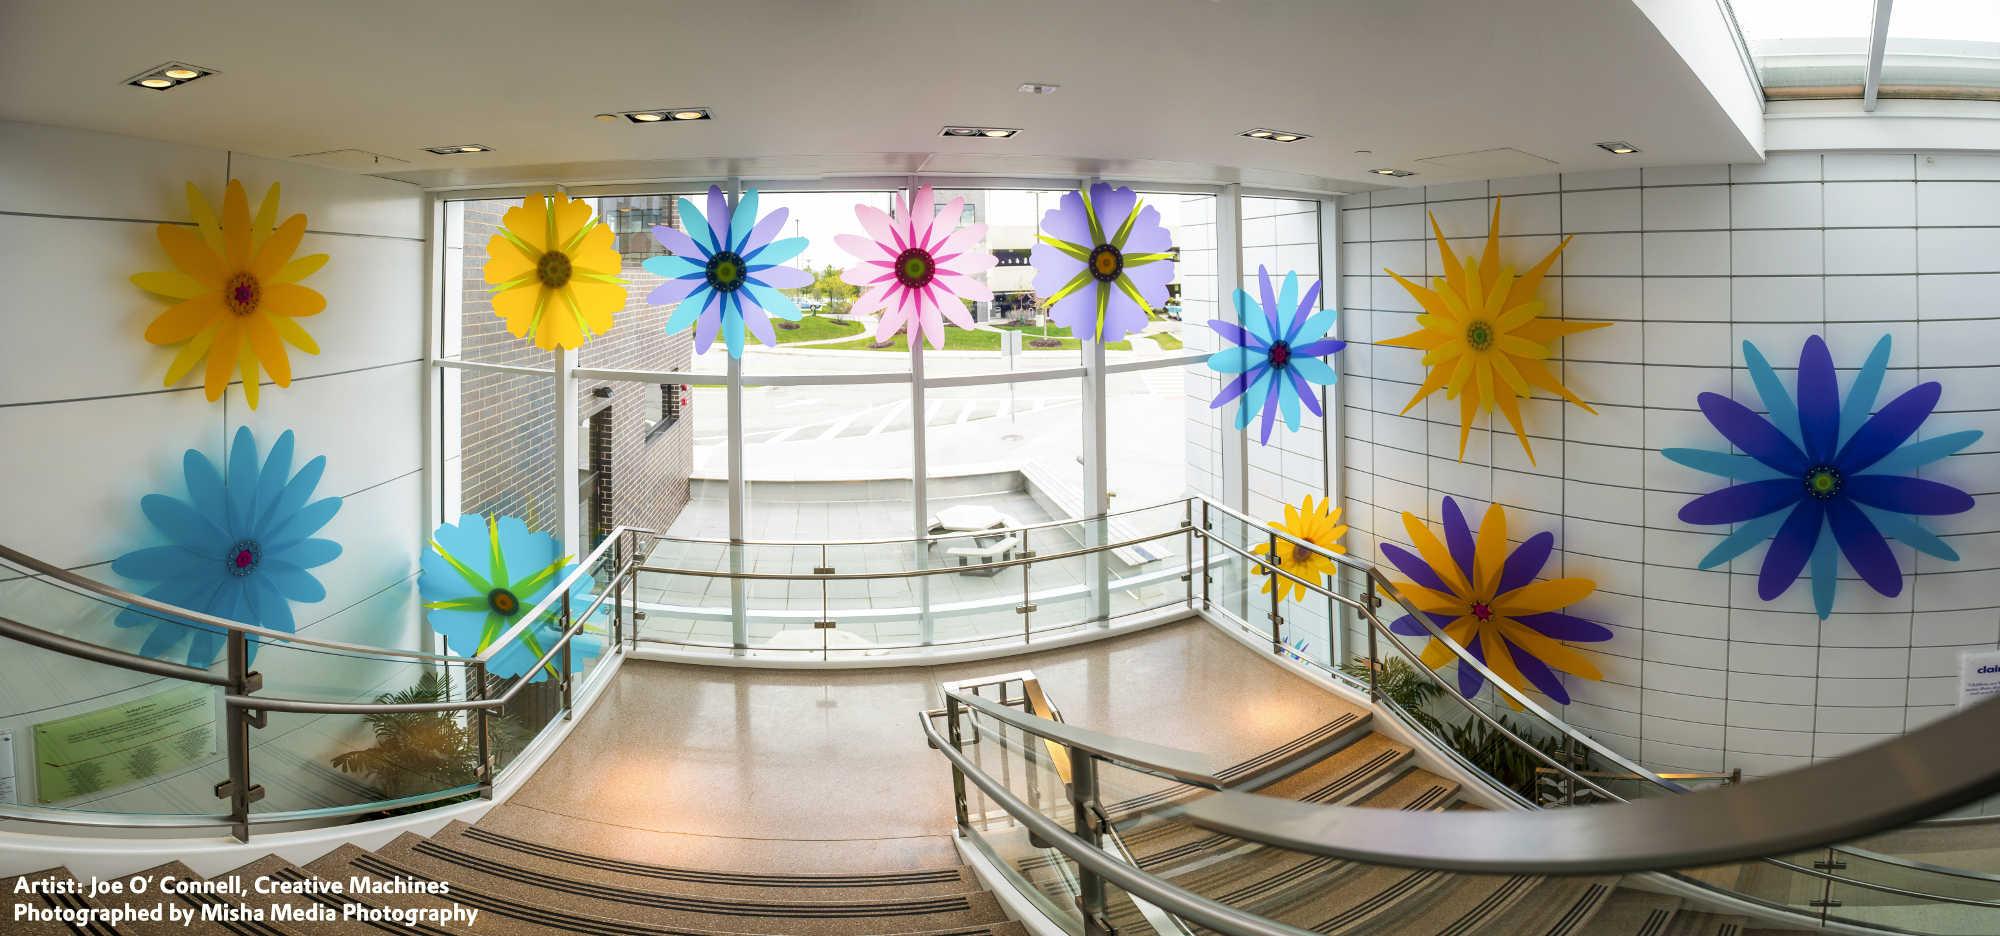 Bloom_Display_in_Childrens_Hospital___update